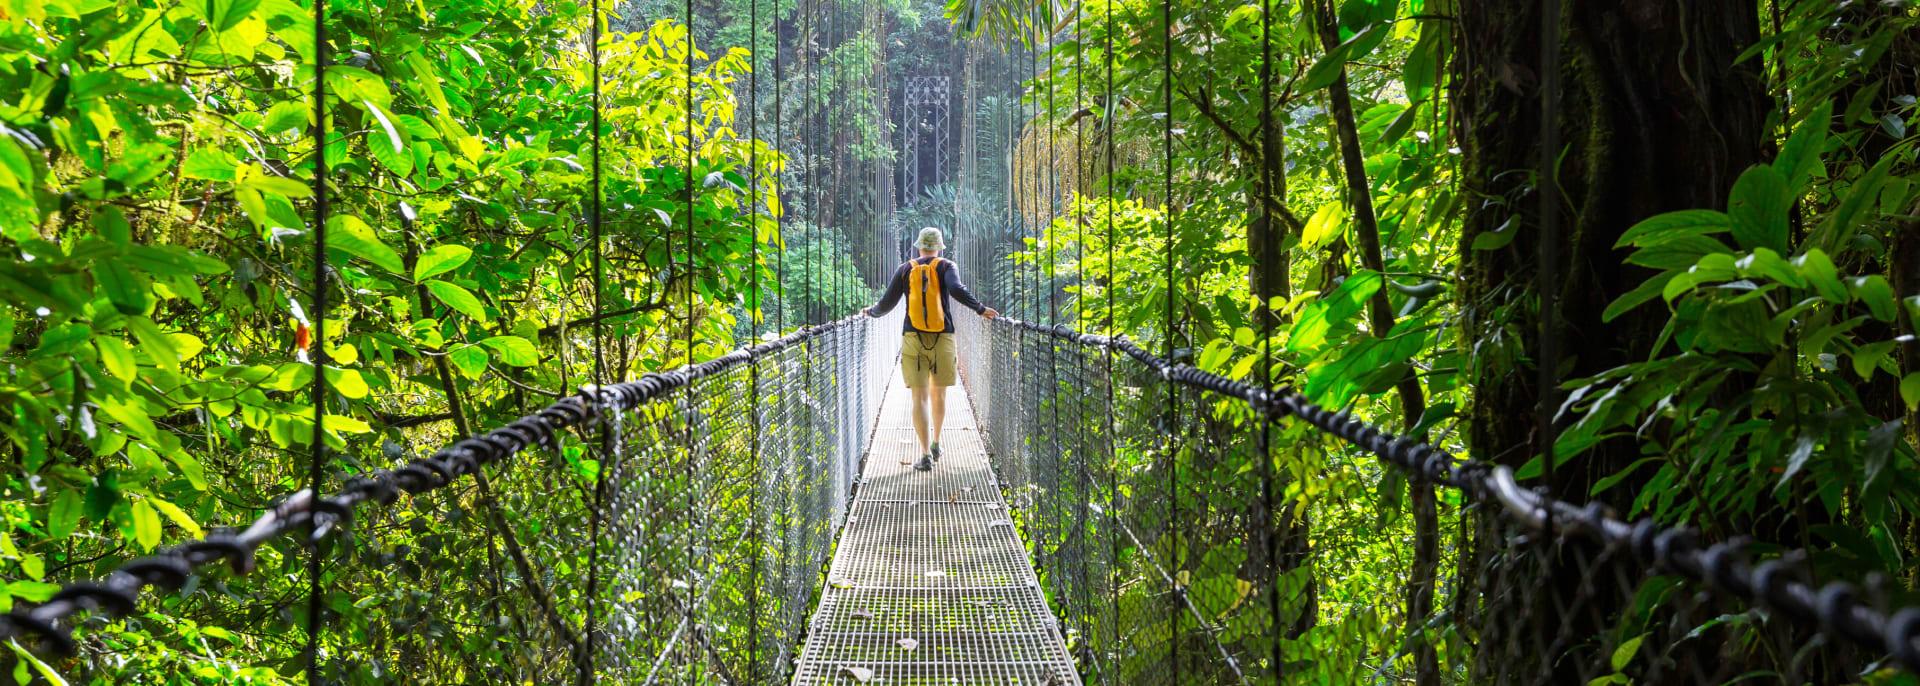 Wandern im grünen tropischen Dschungel, Costa Rica